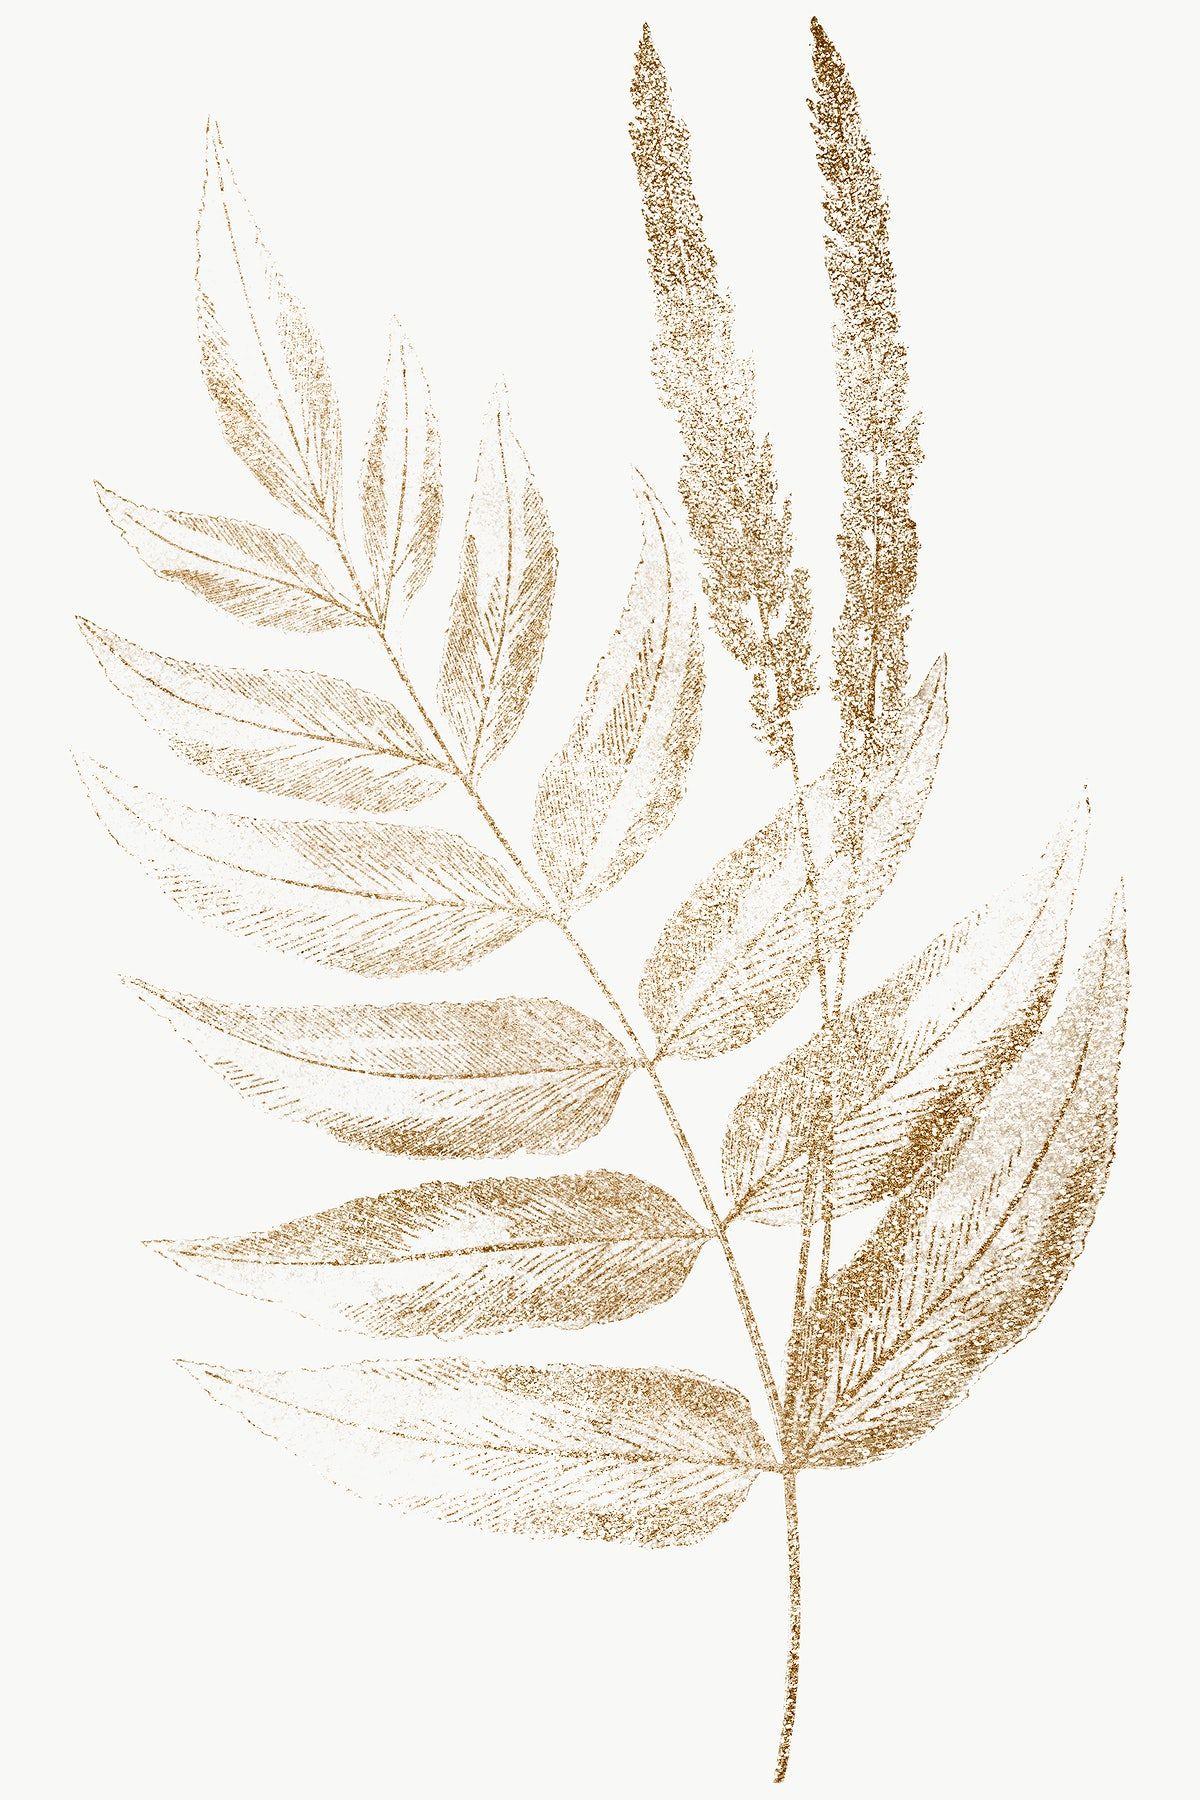 Golden Fern Leaves Design Element Free Image By Rawpixel Com Adj In 2020 Design Element Leaf Design Instagram Design